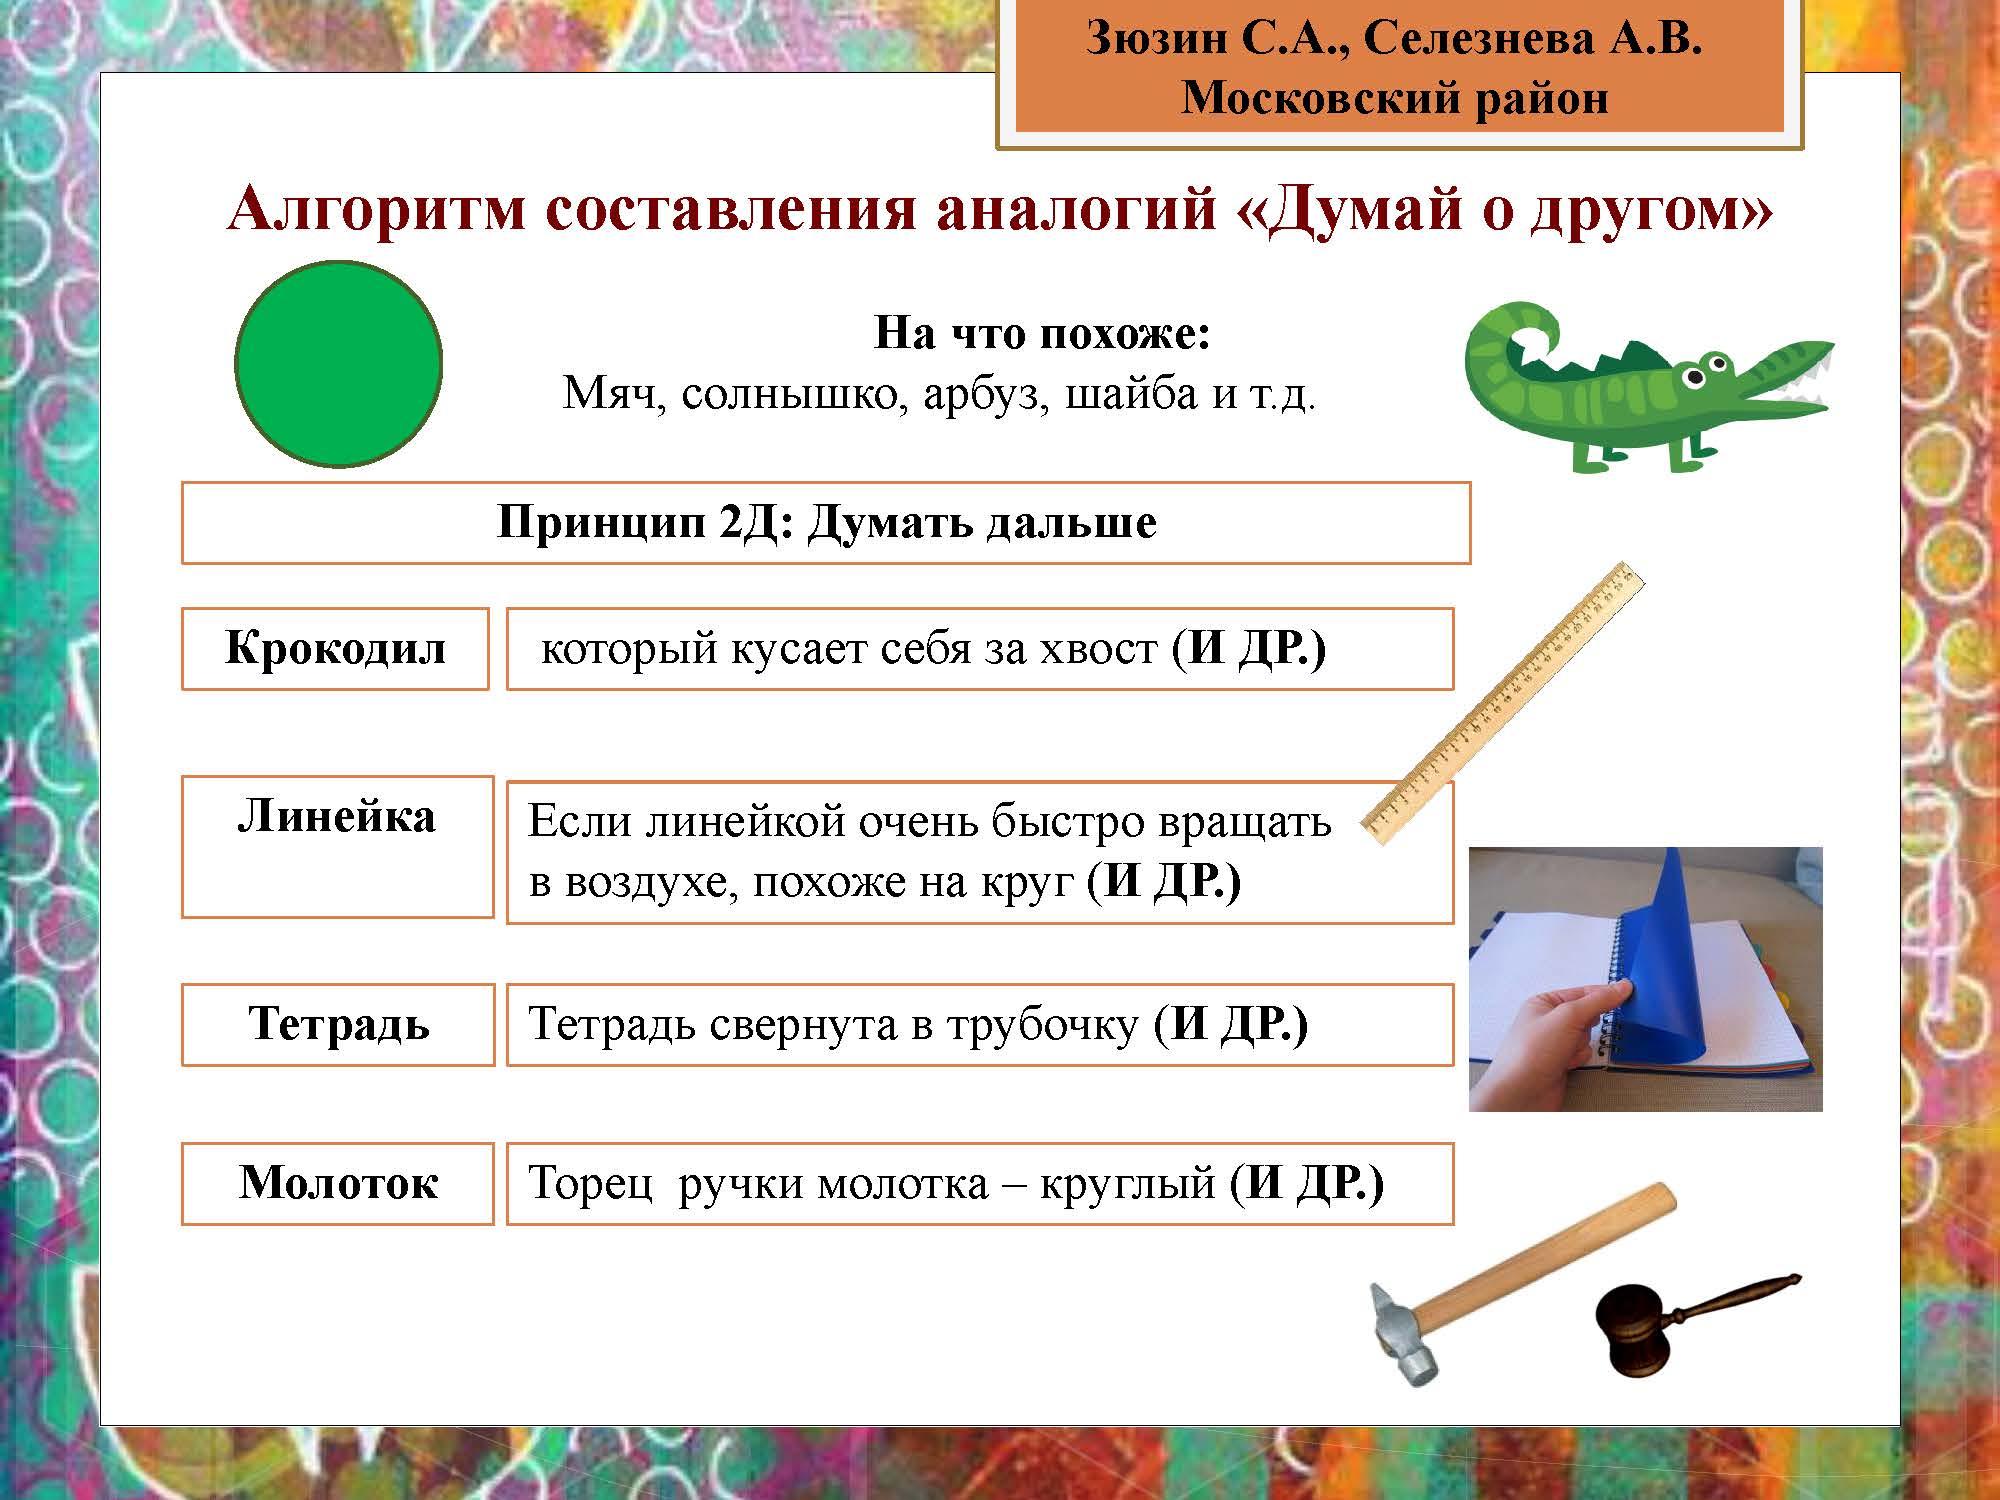 секция 8. ГБОУ 495. Московский район_Страница_17